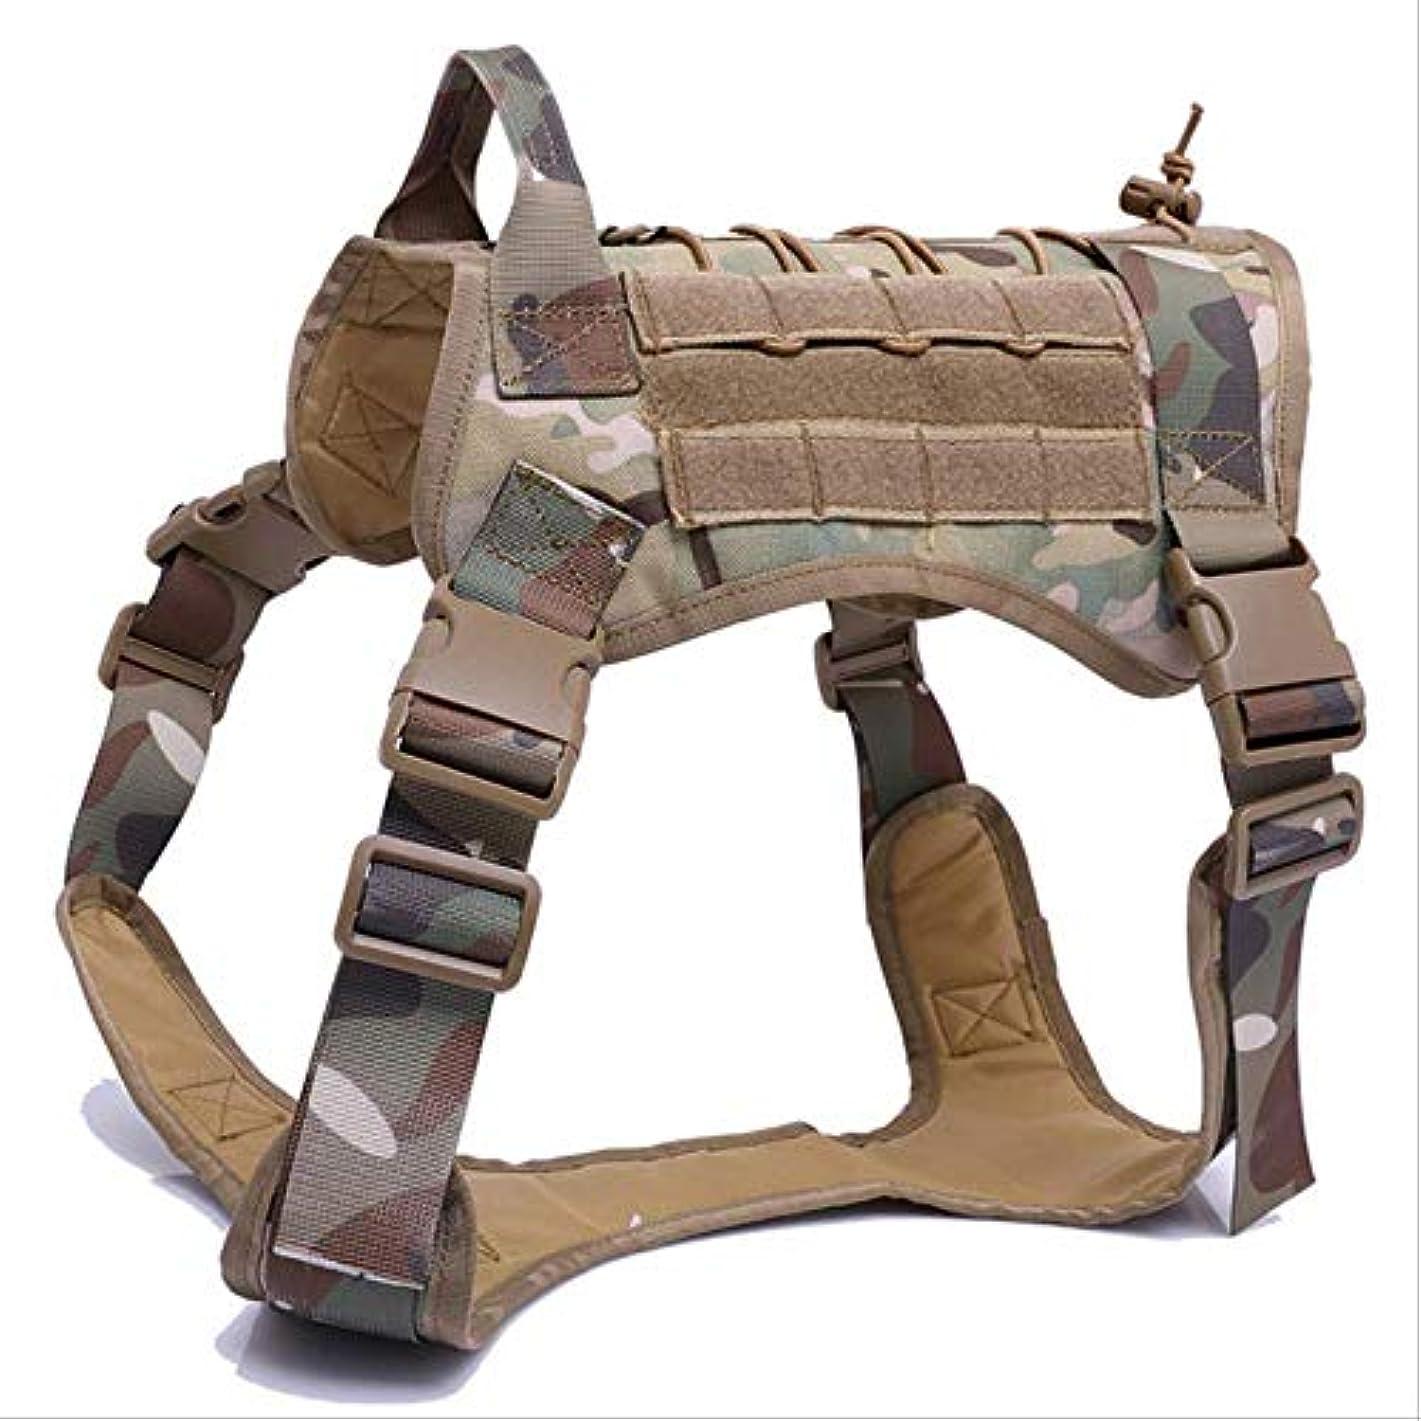 防止研磨そうMilitary Tactical Dog Harness K9 Working Pet Dog Vest With Handle Nylon Bungee Dog Leash Lead Training For Medium Large Dogs Camouflage Harness M